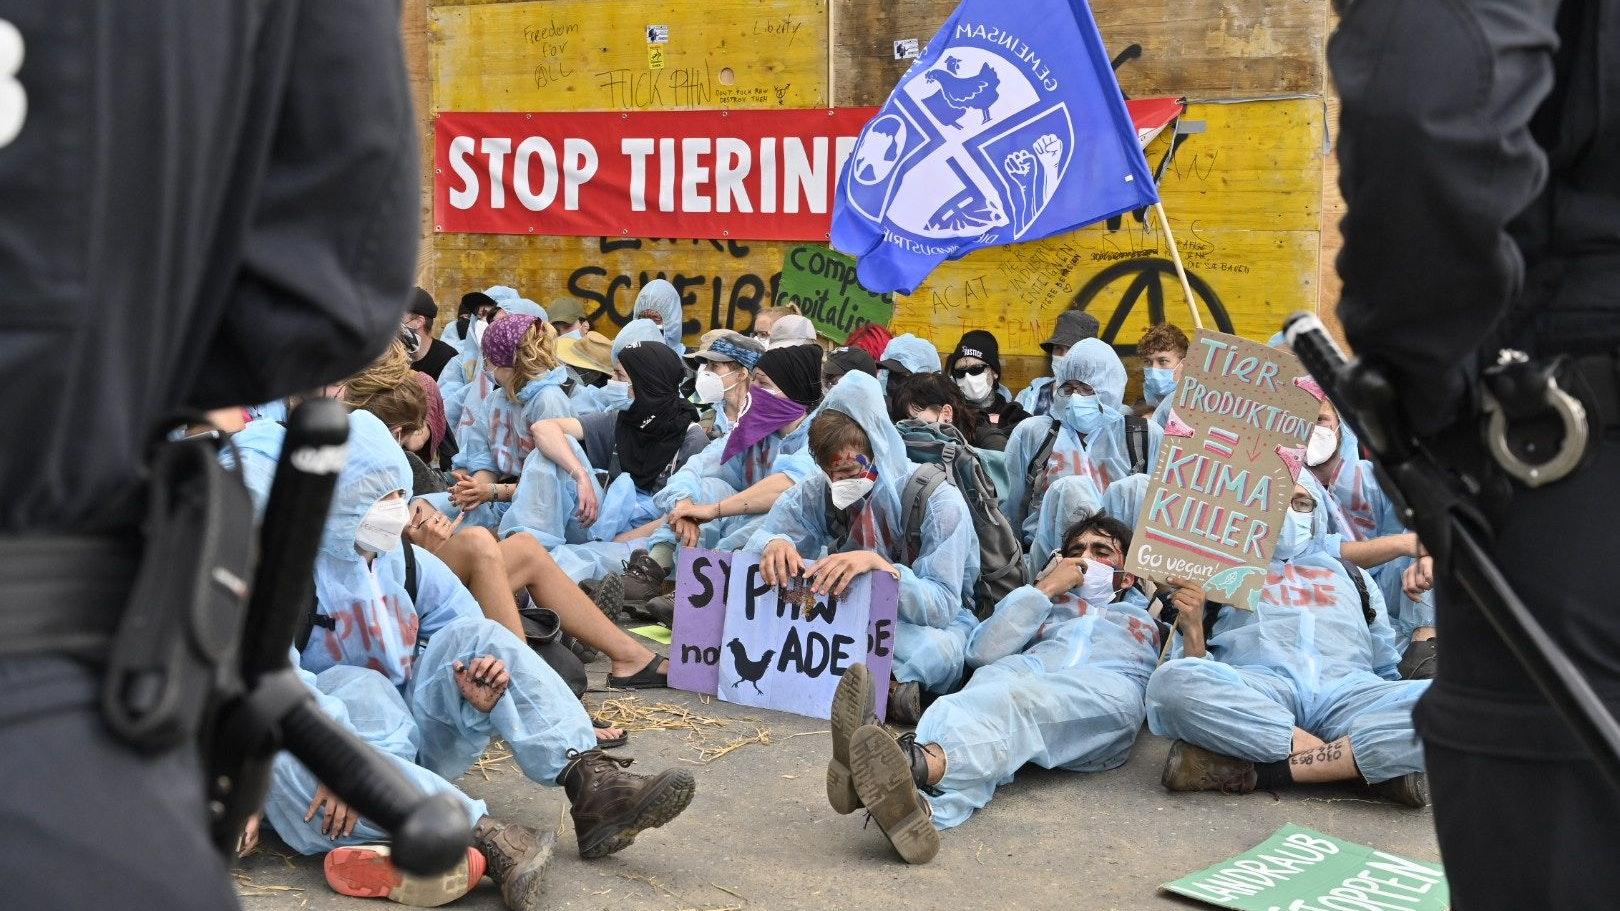 Vermummte Aktivisten bei Sitzblockade vor PHW-Zentrale in Rechterfeld. Die Polizei musste 119 Personen wegtragen. Foto: M. Niehues